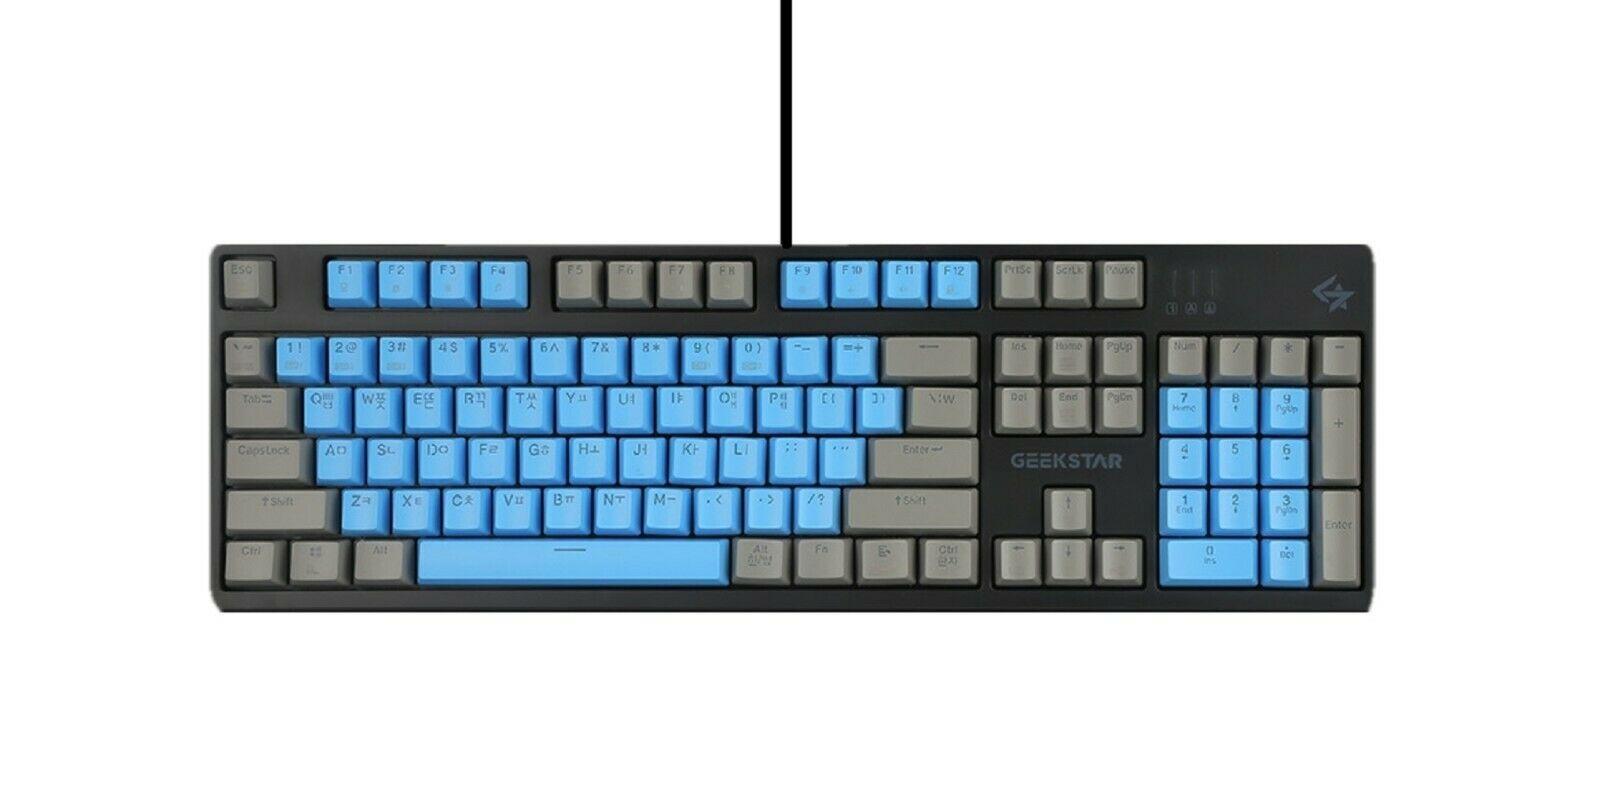 Geekstar GK710-2 Mechanical Gaming Keyboard English Korean Kailh Optical Switch